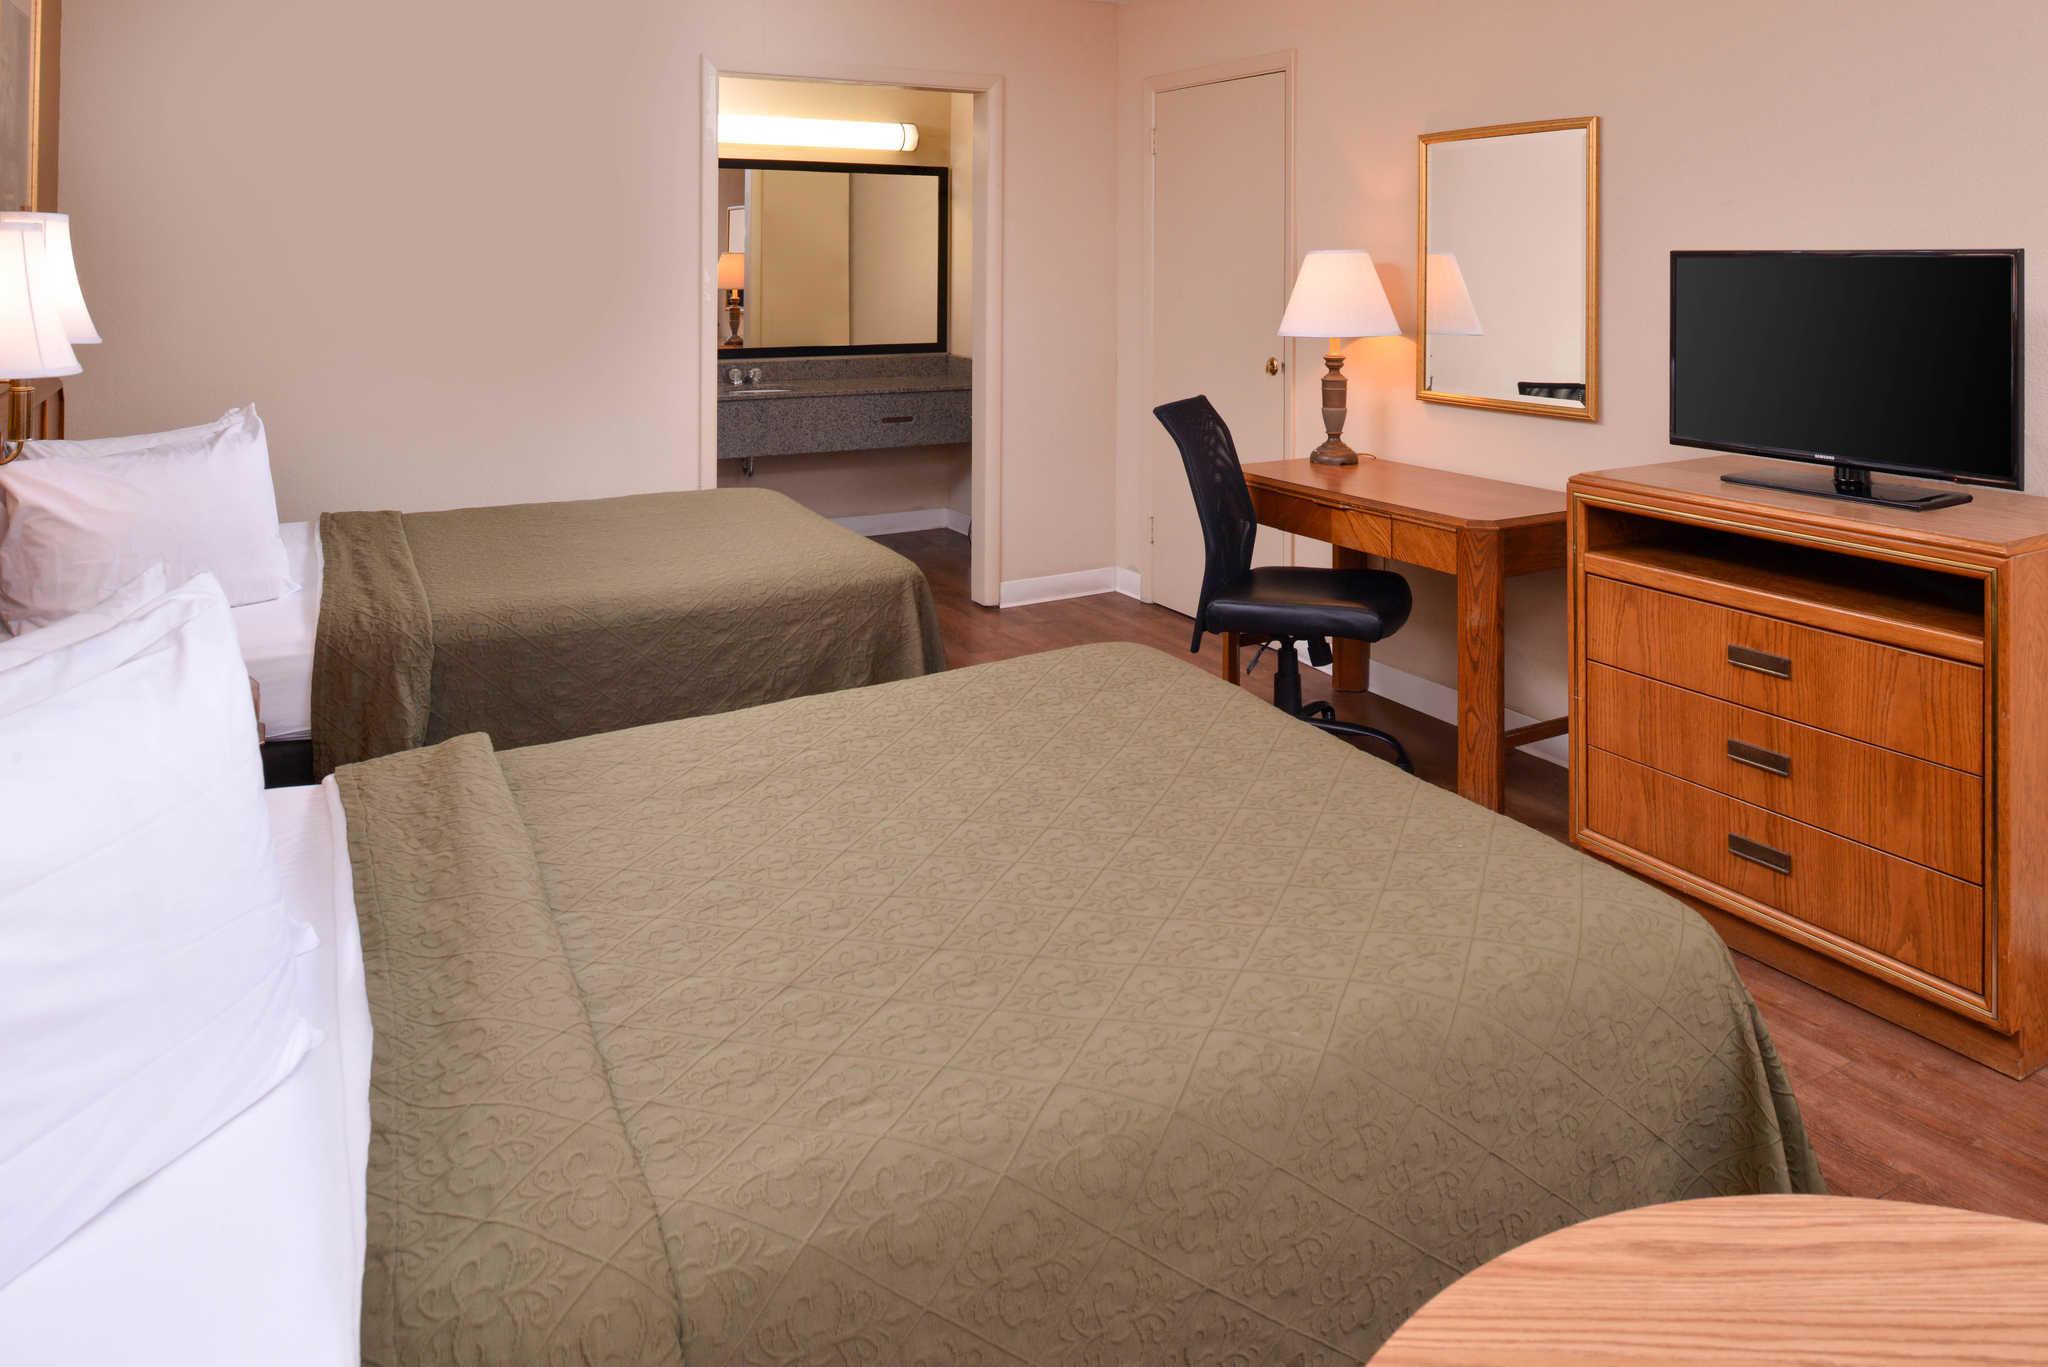 Quality Inn Dutch Inn image 9